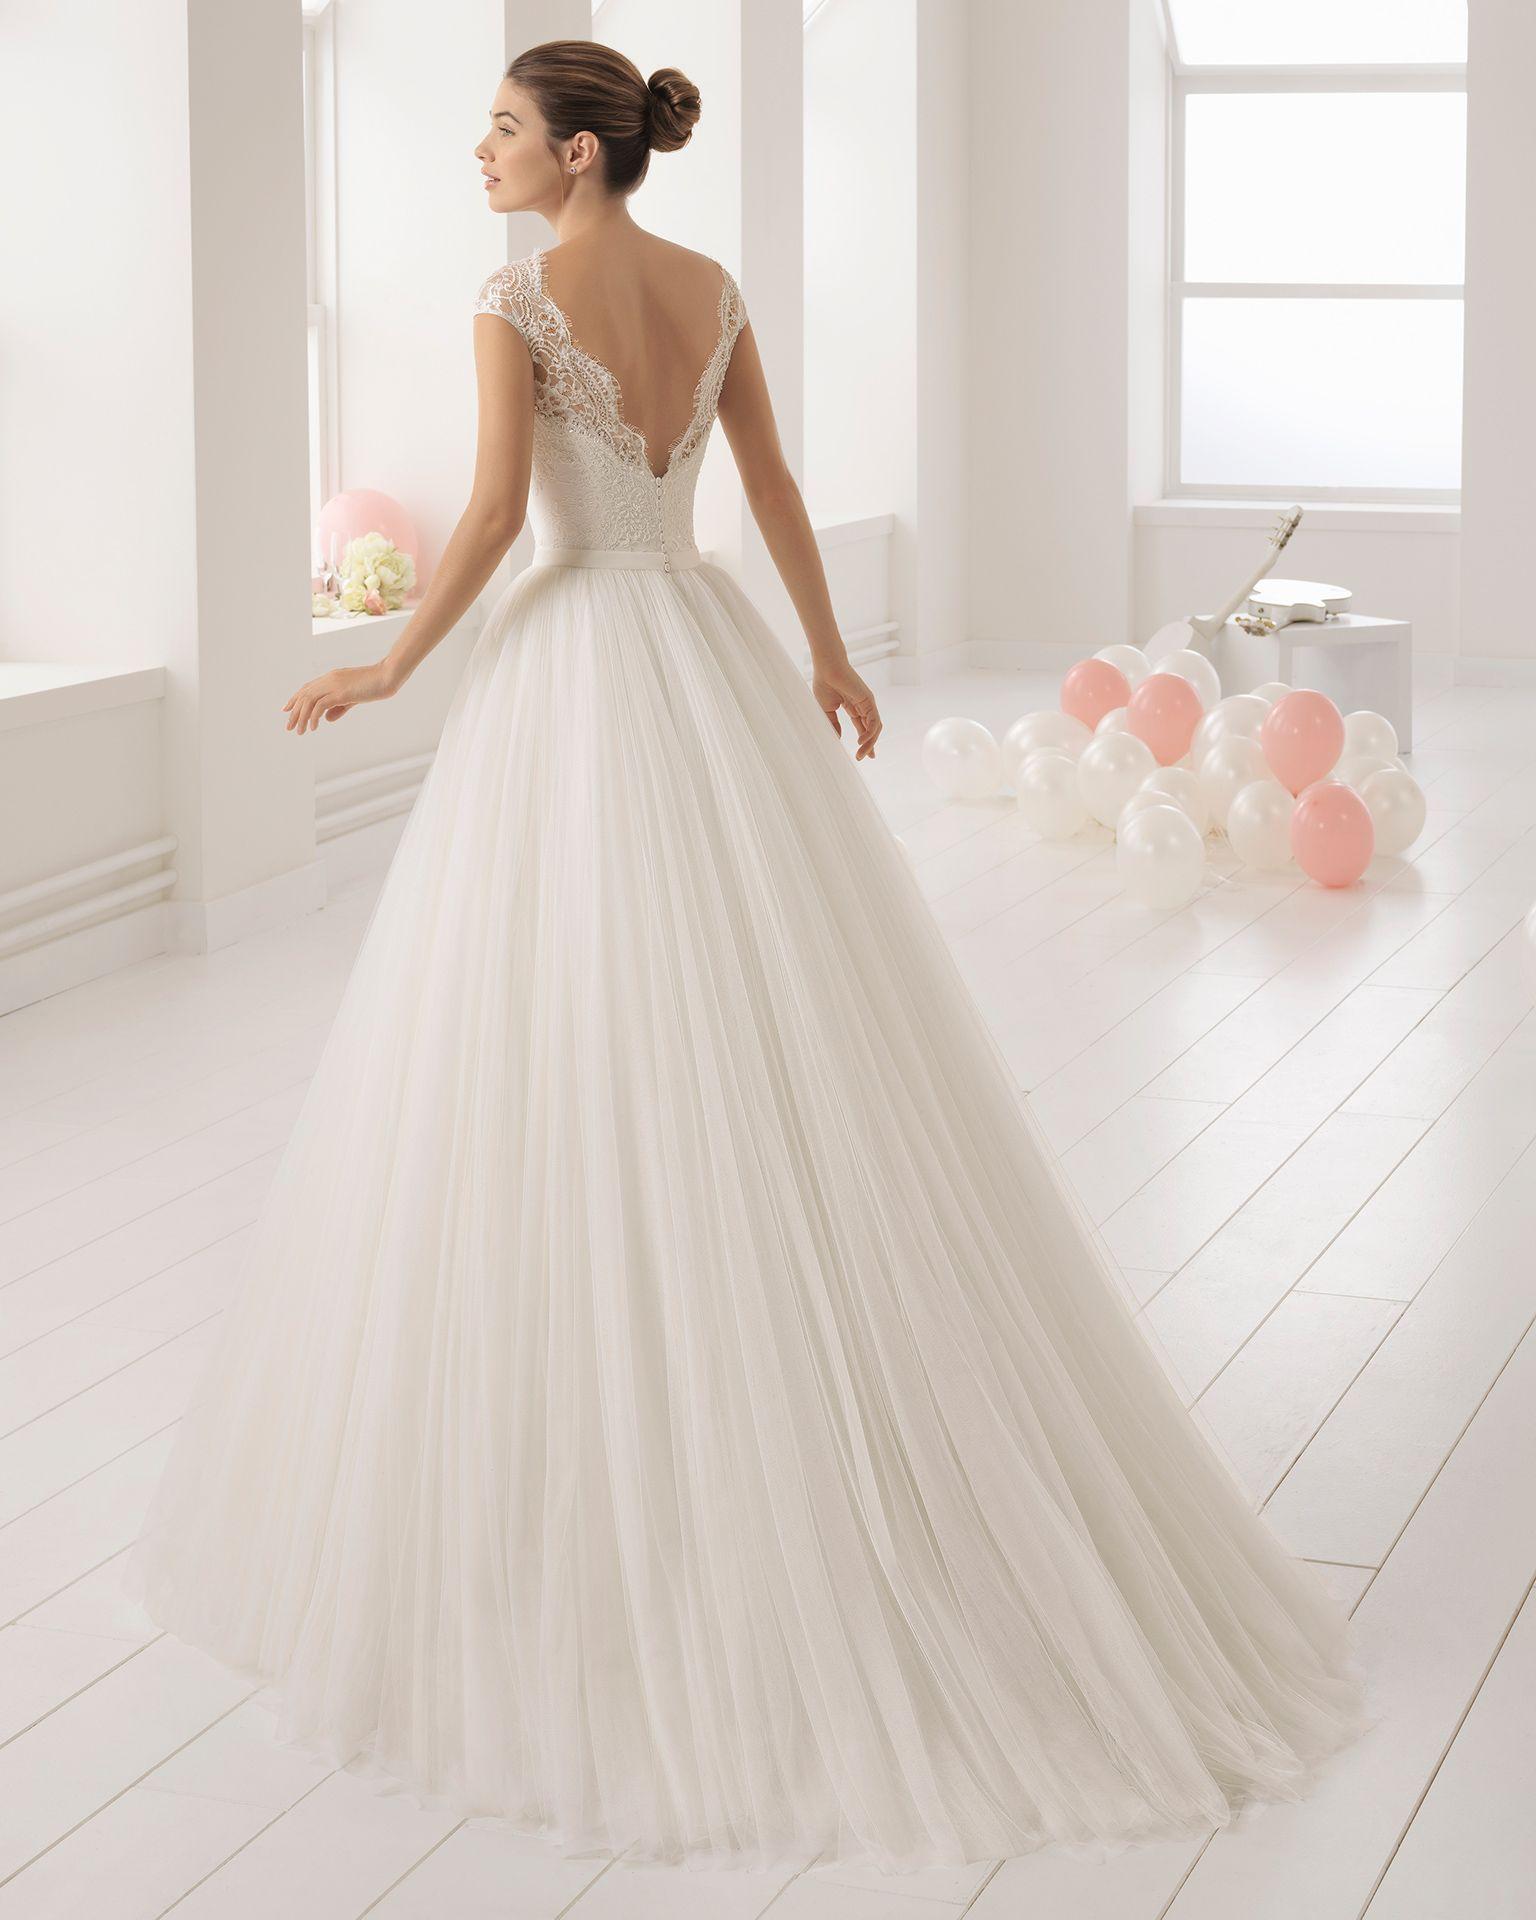 4dbd5393 Vestido de novia estilo romántico en tul, encaje y pedreria, con escote  ilusión y espalda V. Colección 2018 Aire Barcelona.